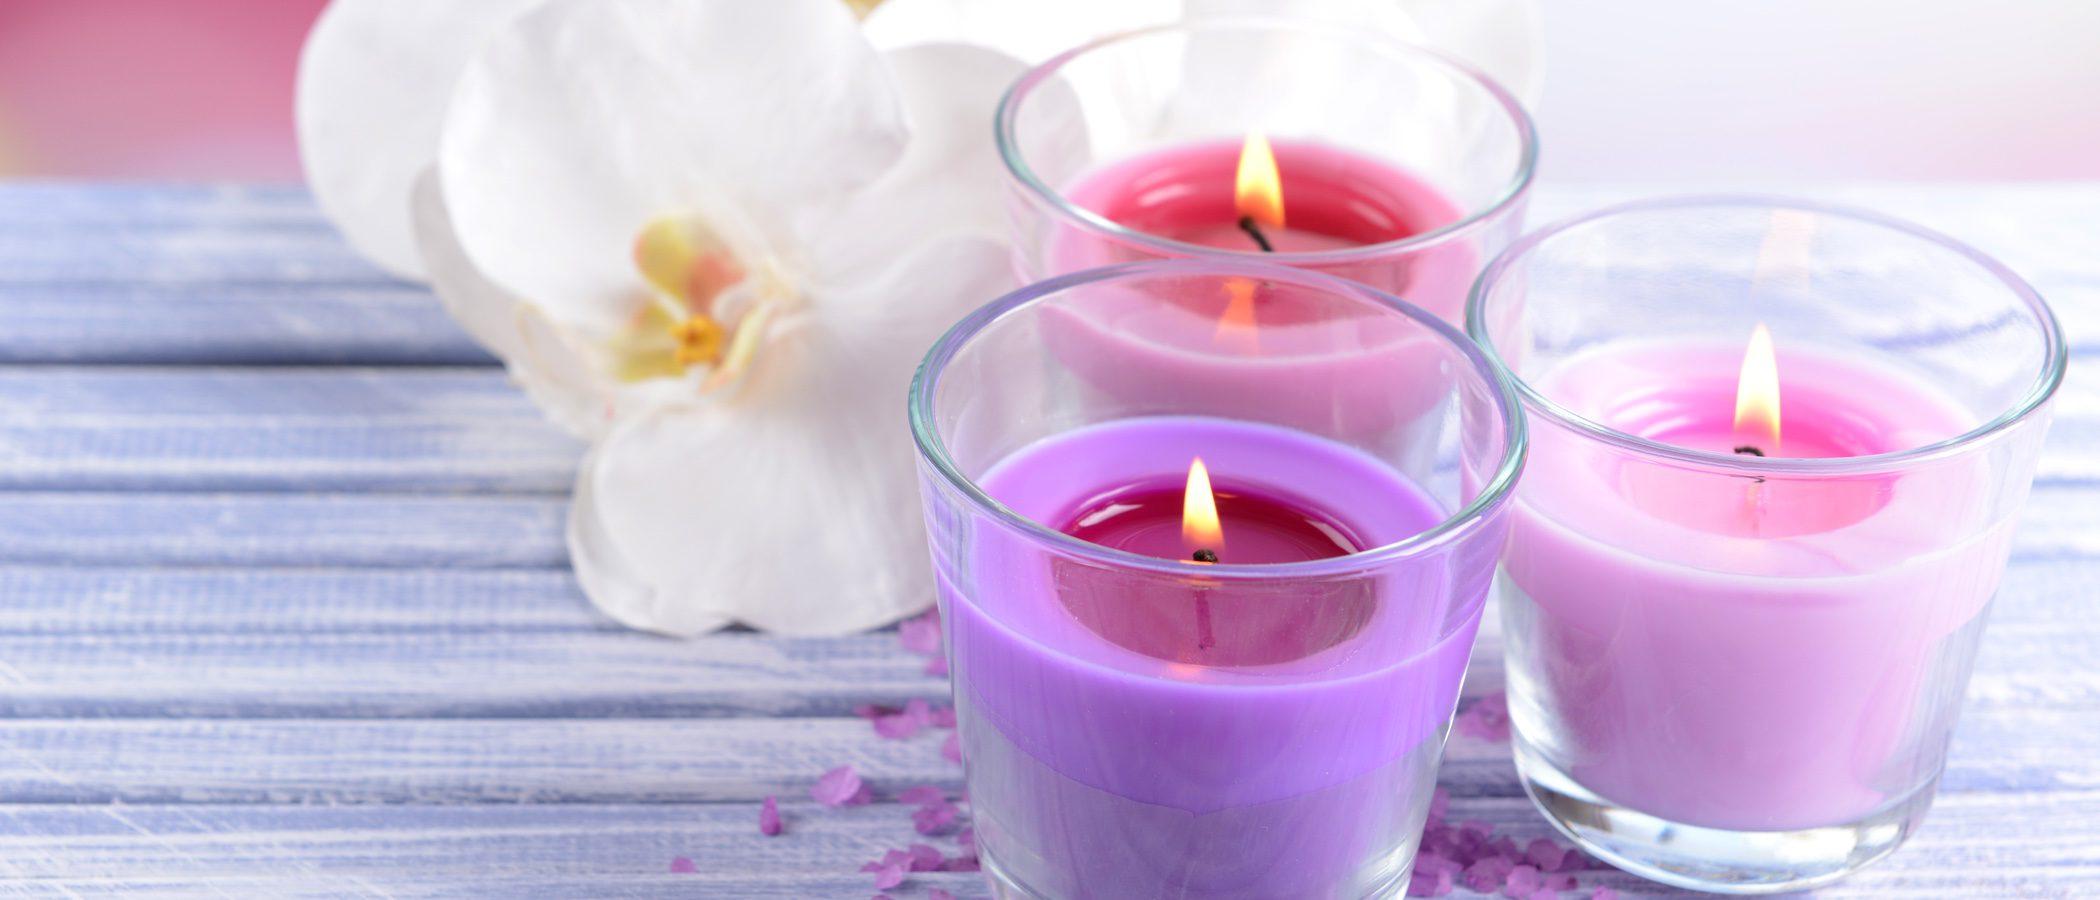 Rituales prohibidos con velas rosas